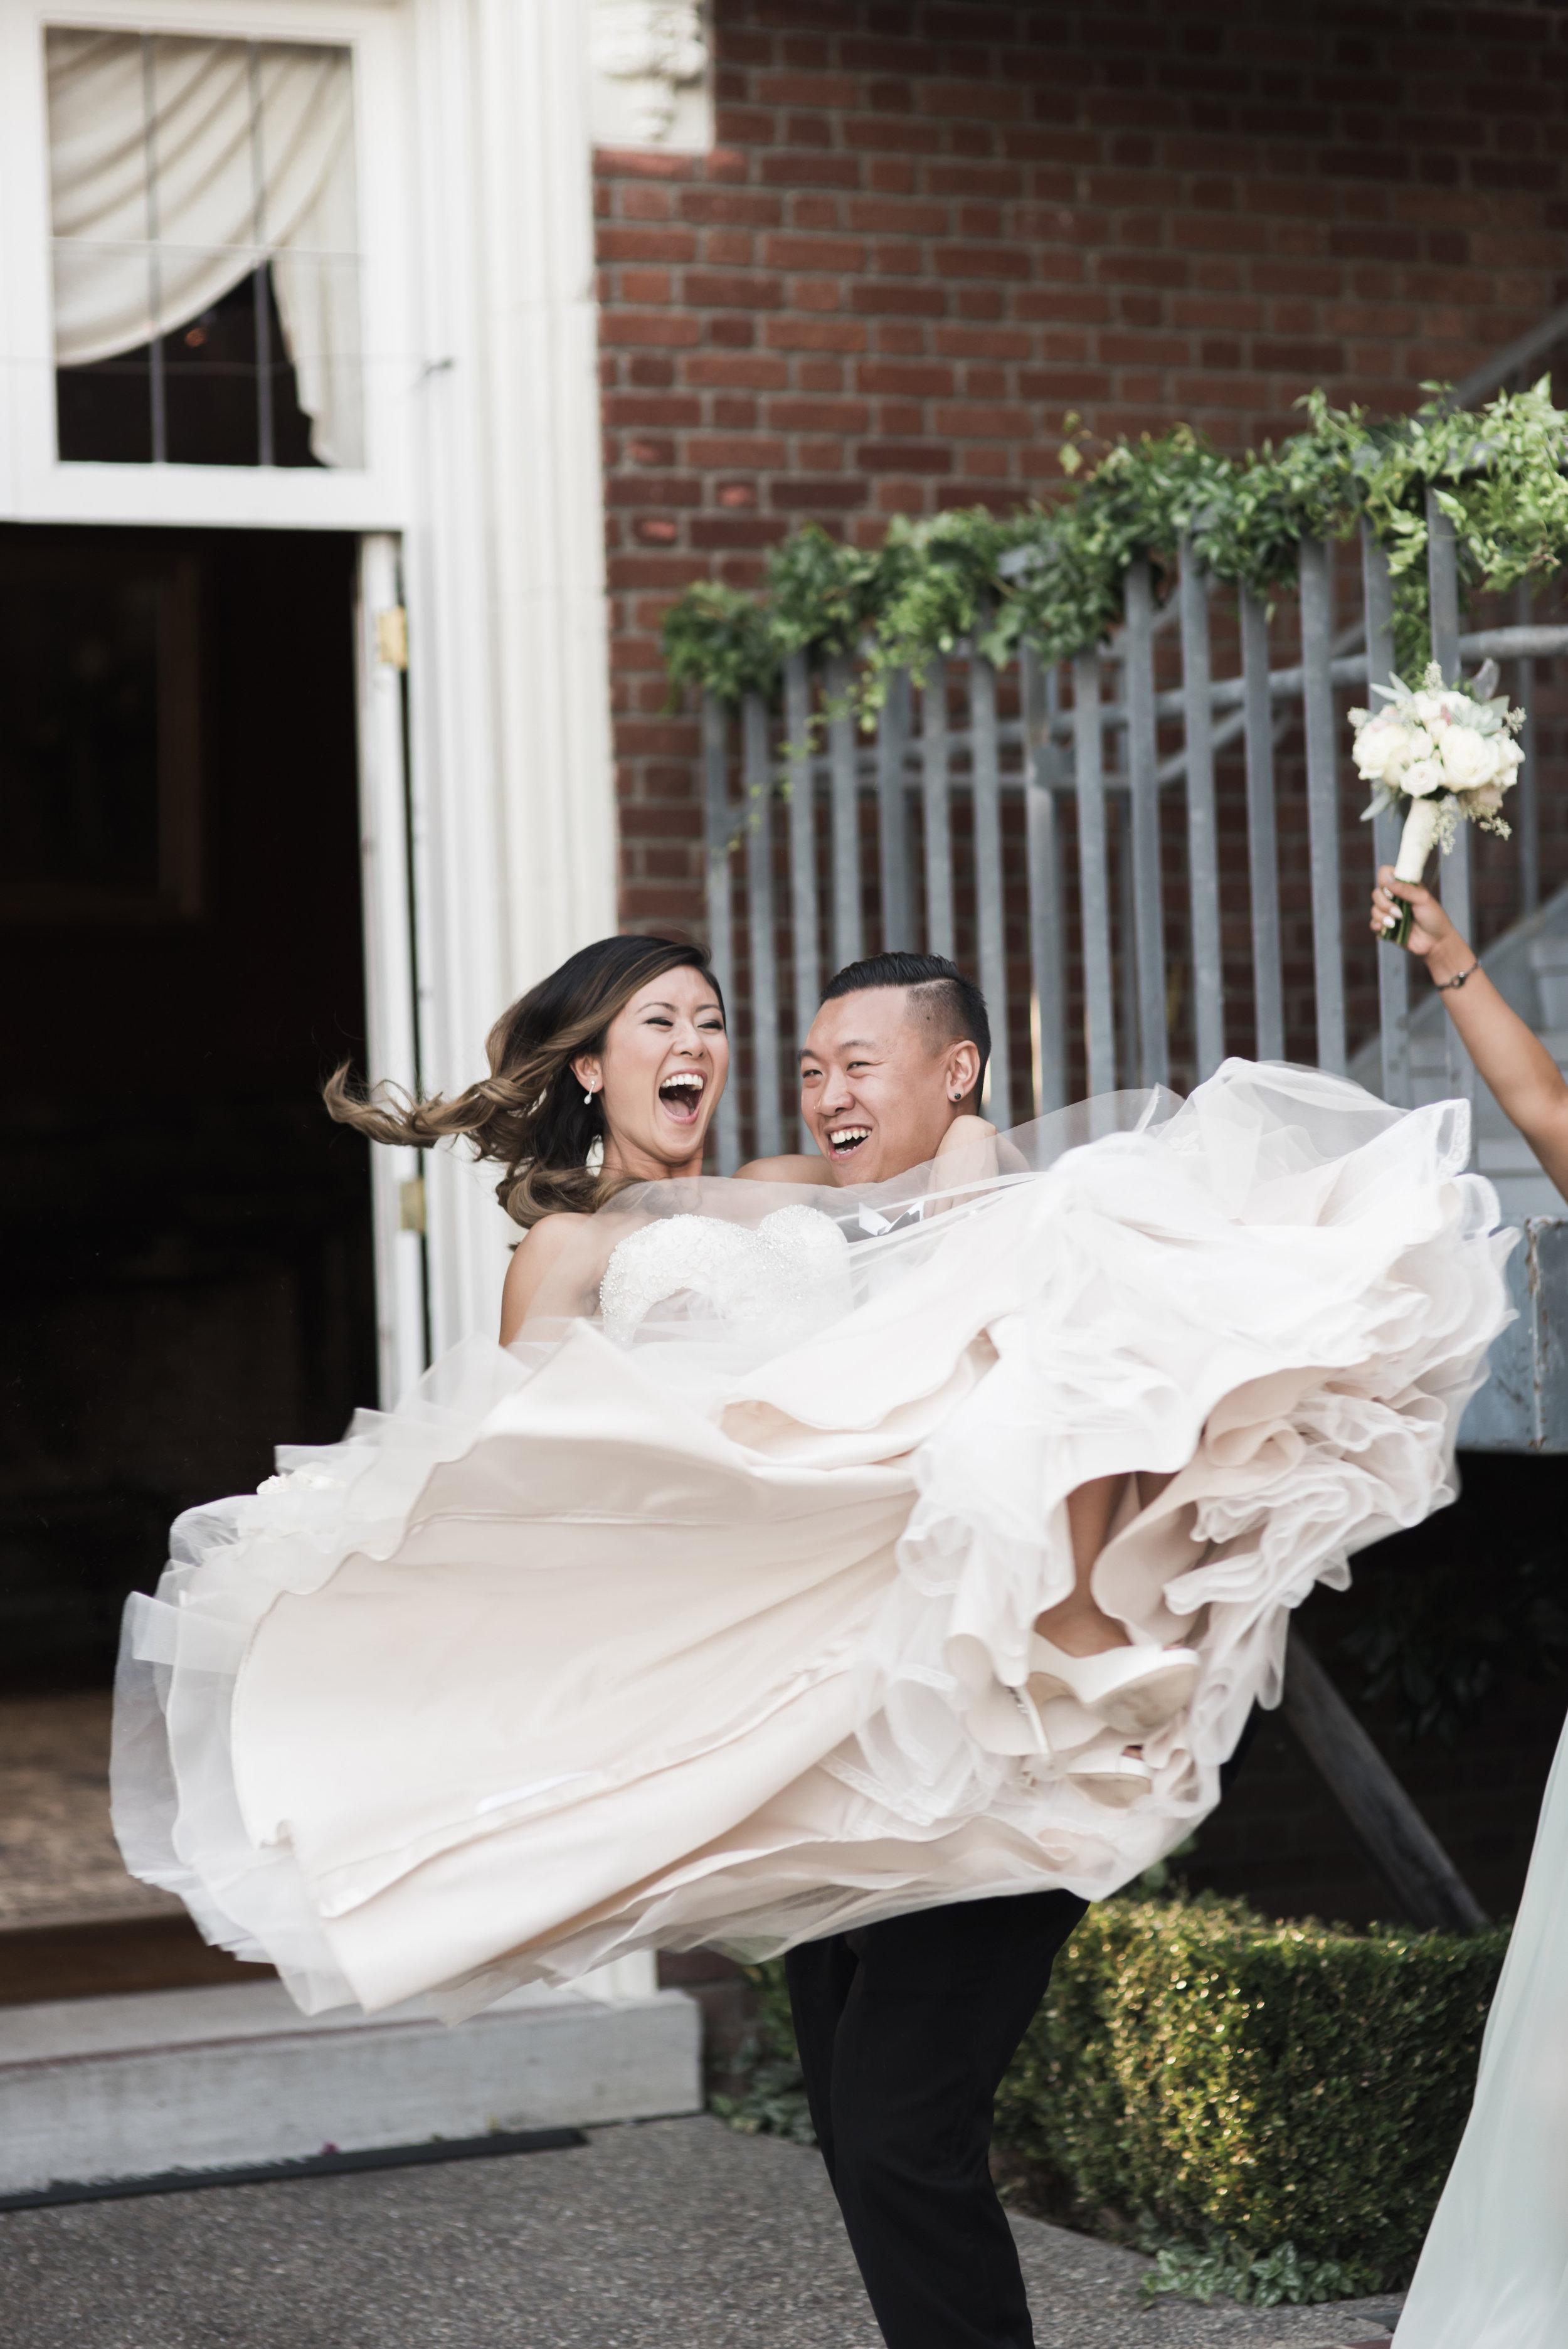 carien-will-wedding-614-(ZF-2465-09696-1-024).jpg